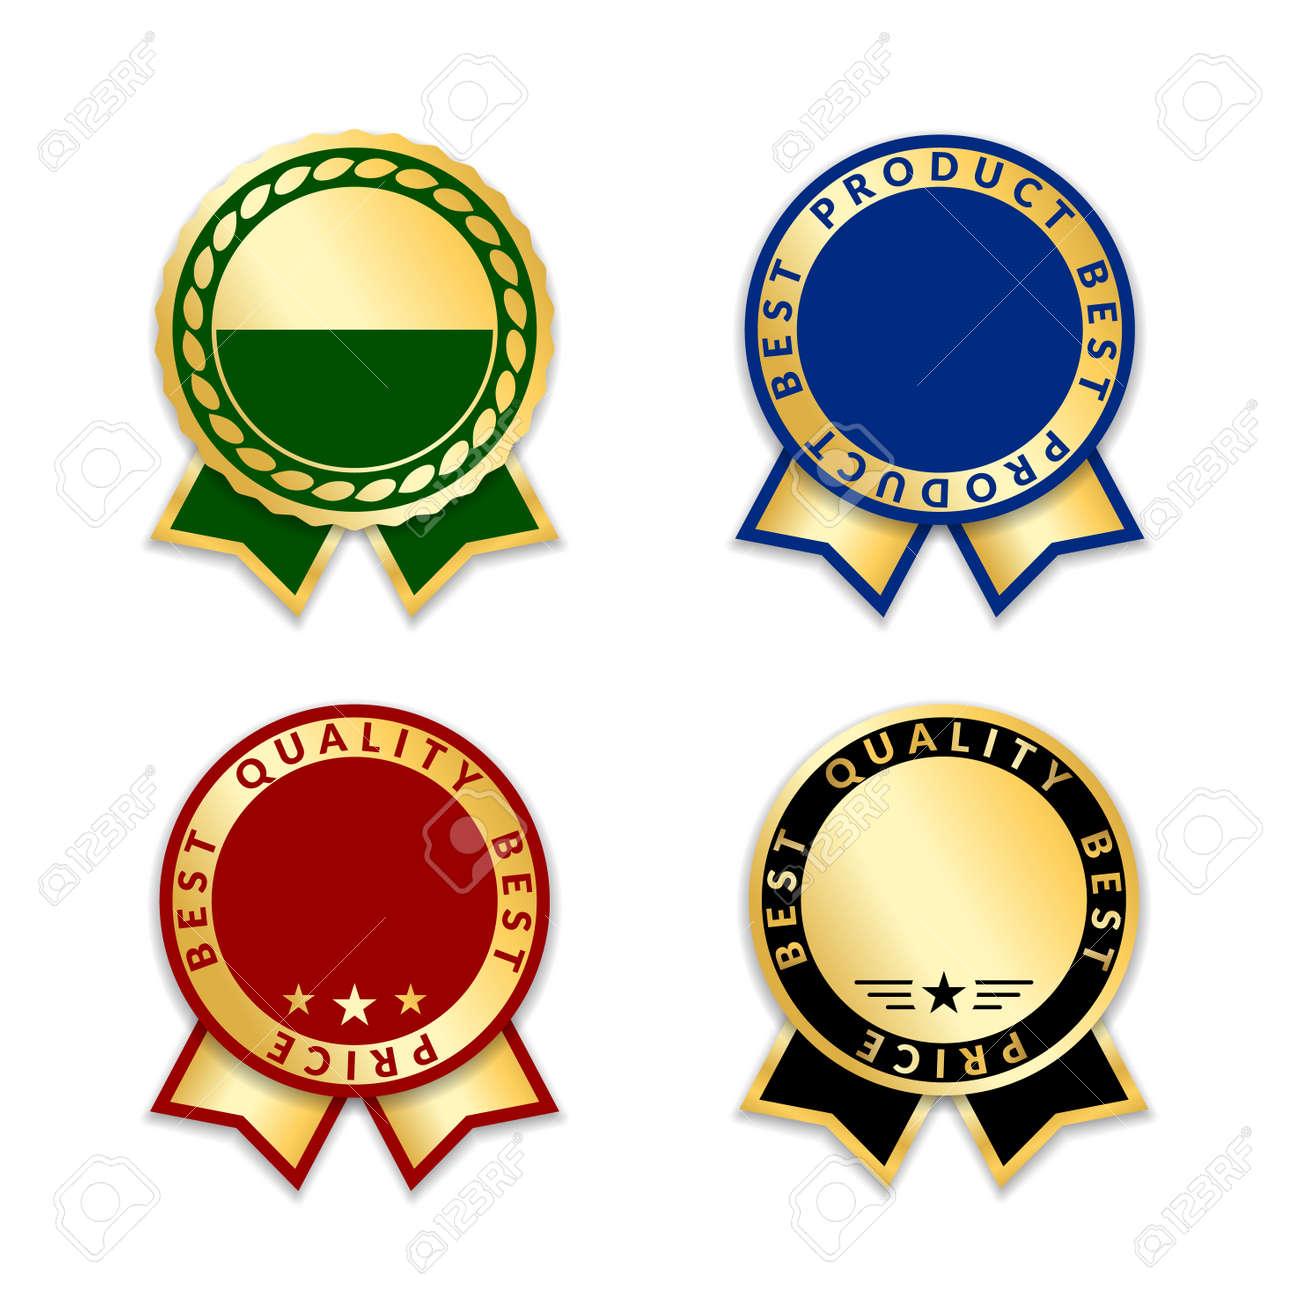 ribbons award best product of year set gold ribbon award icons